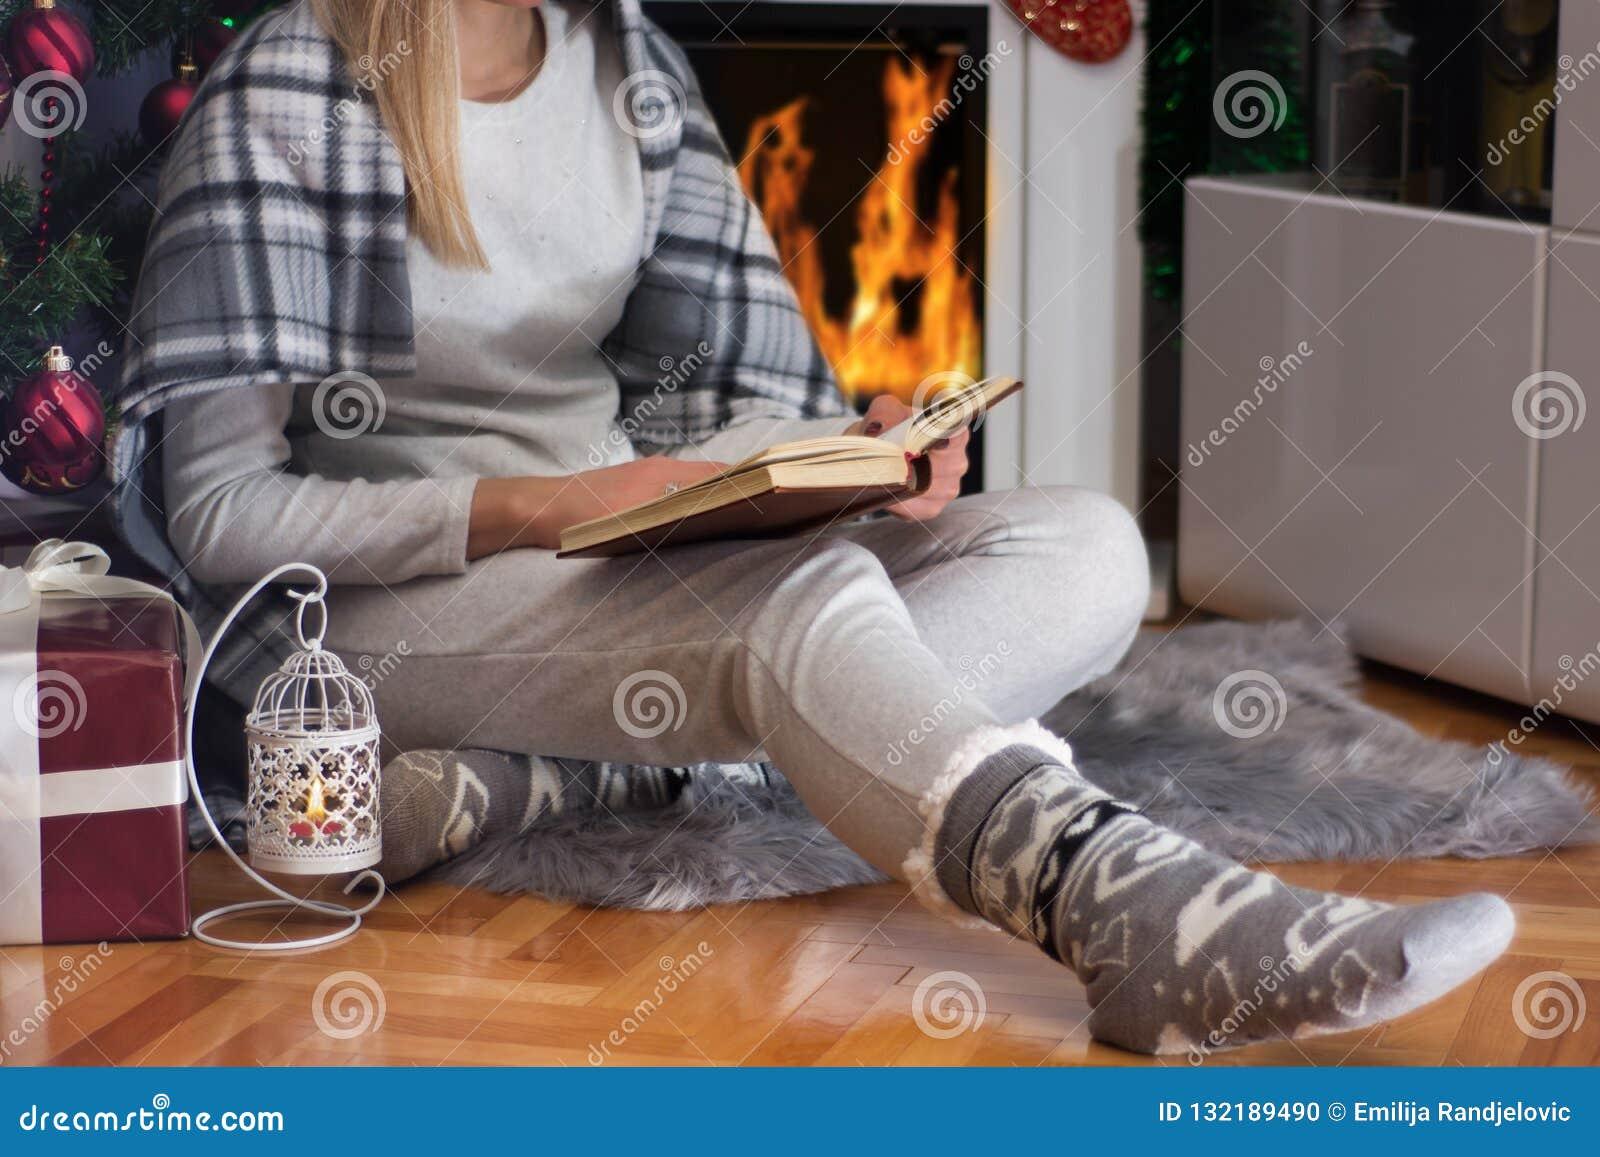 Βιβλίο και συνεδρίαση ανάγνωσης κοριτσιών στο πάτωμα κοντά στην εστία